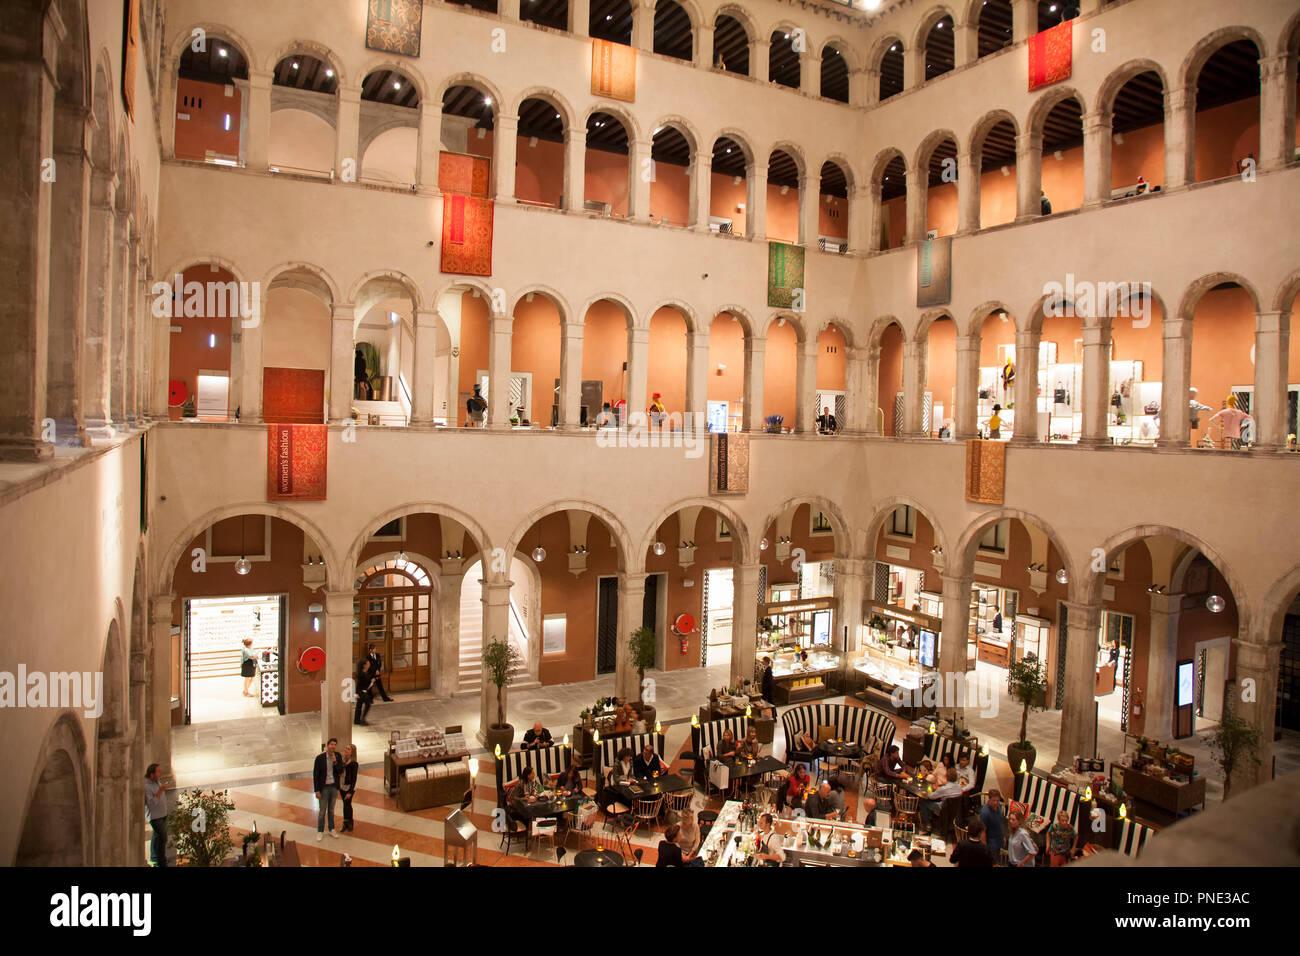 Calle del Fontego dei Tedeschi an upscale mall in Venice Italy - Stock Image